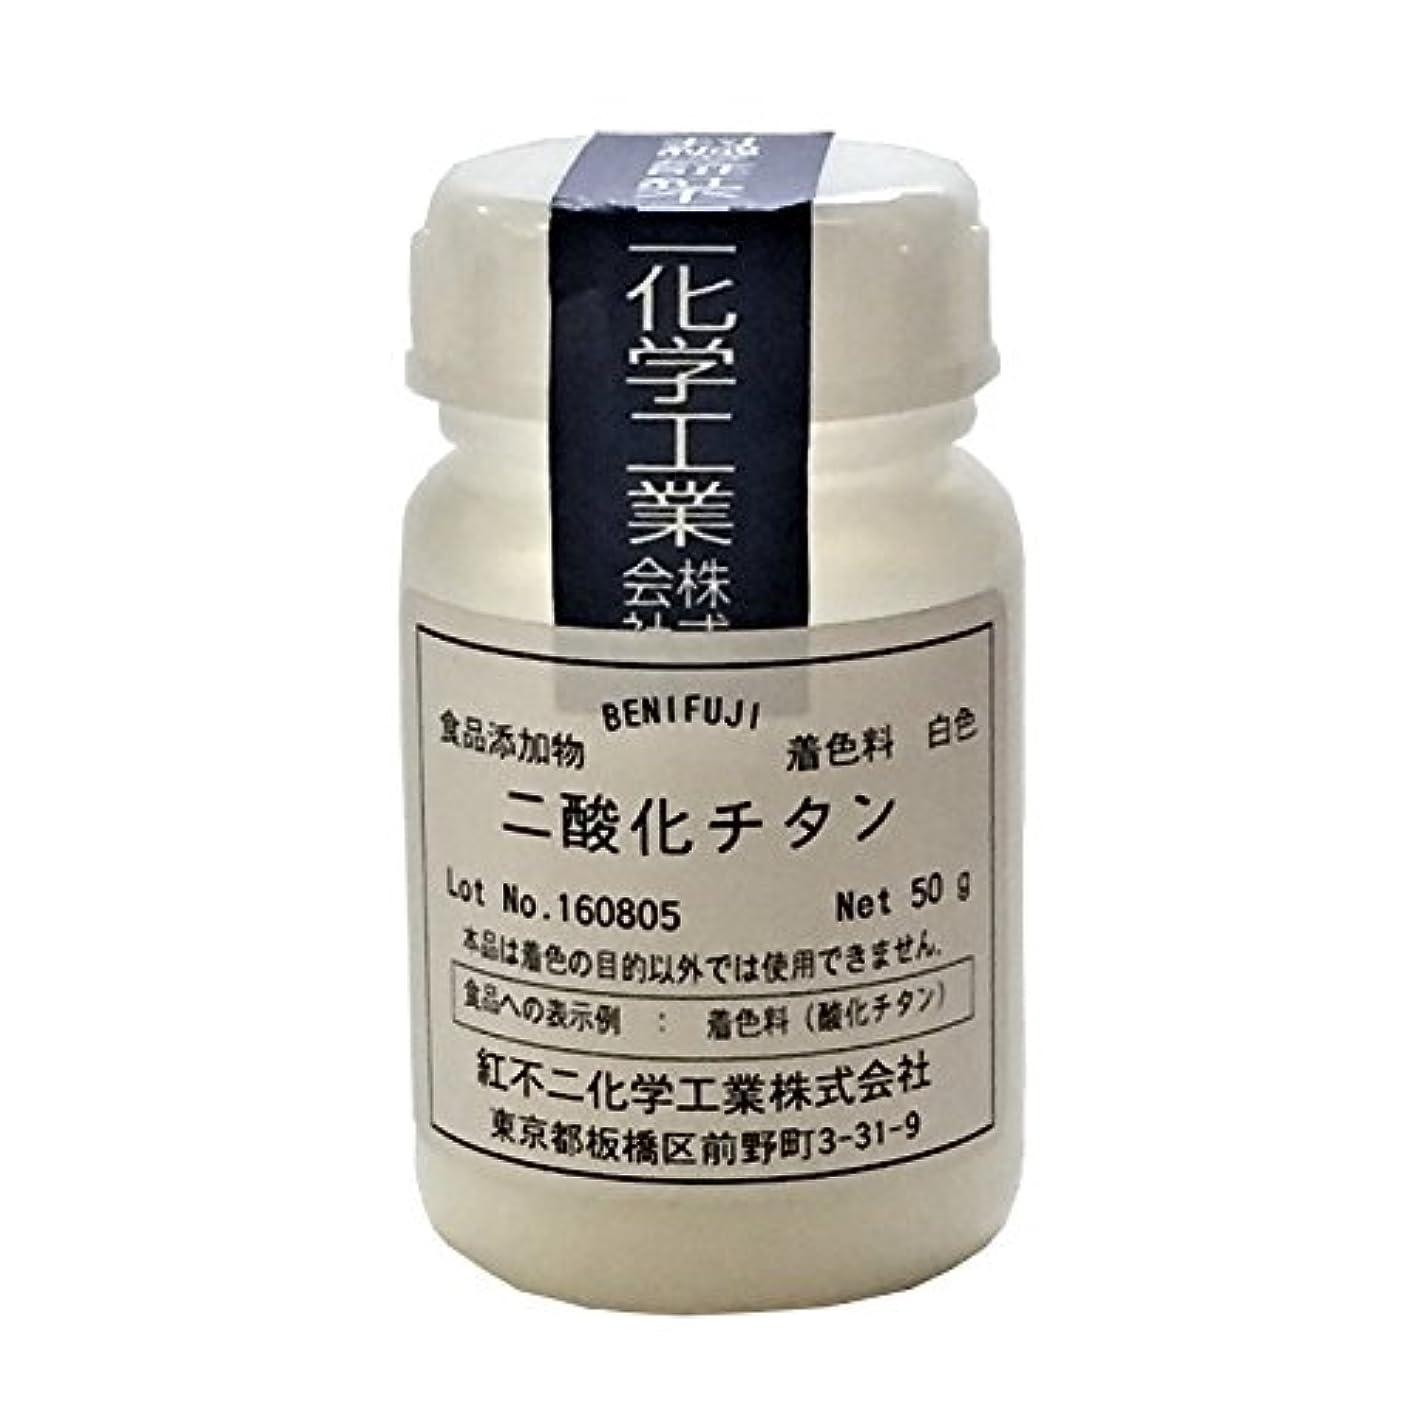 公演考えた涙食品用竹炭パウダー(10-15ミクロン)100g